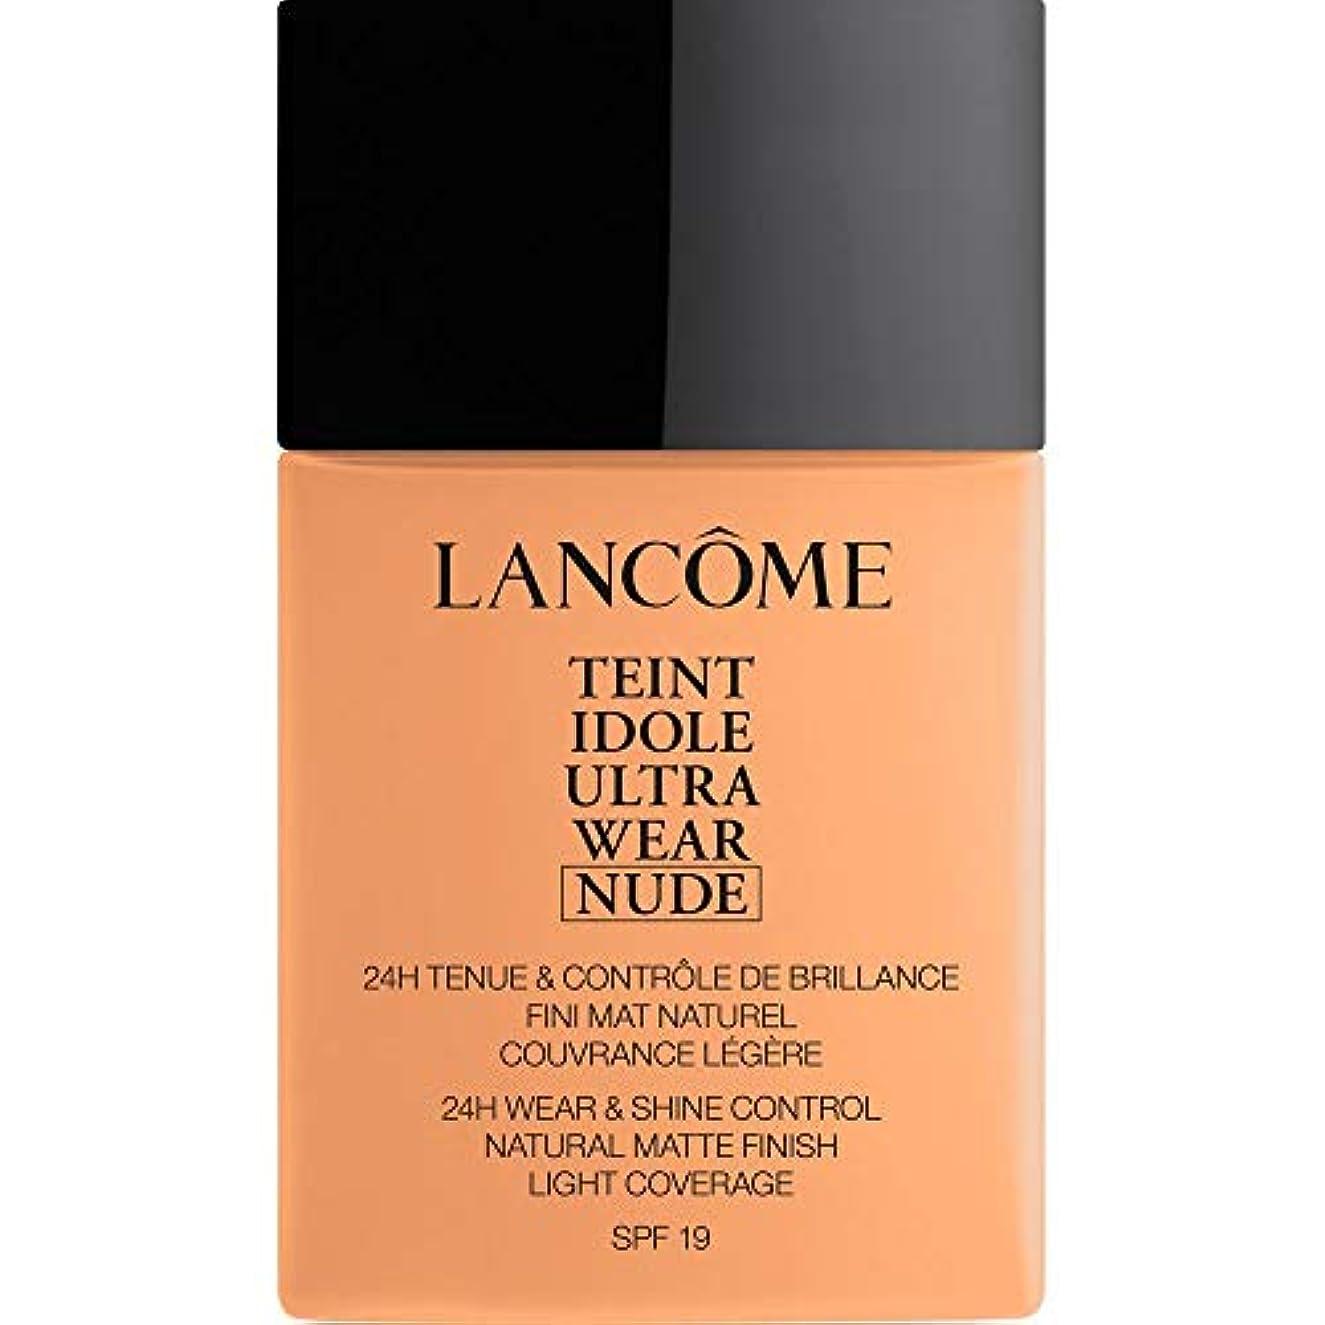 姿を消すスプリット環境[Lanc?me ] ランコムTeintのIdole超摩耗ヌード財団Spf19の40ミリリットル049 - ベージュのPeche - Lancome Teint Idole Ultra Wear Nude Foundation...